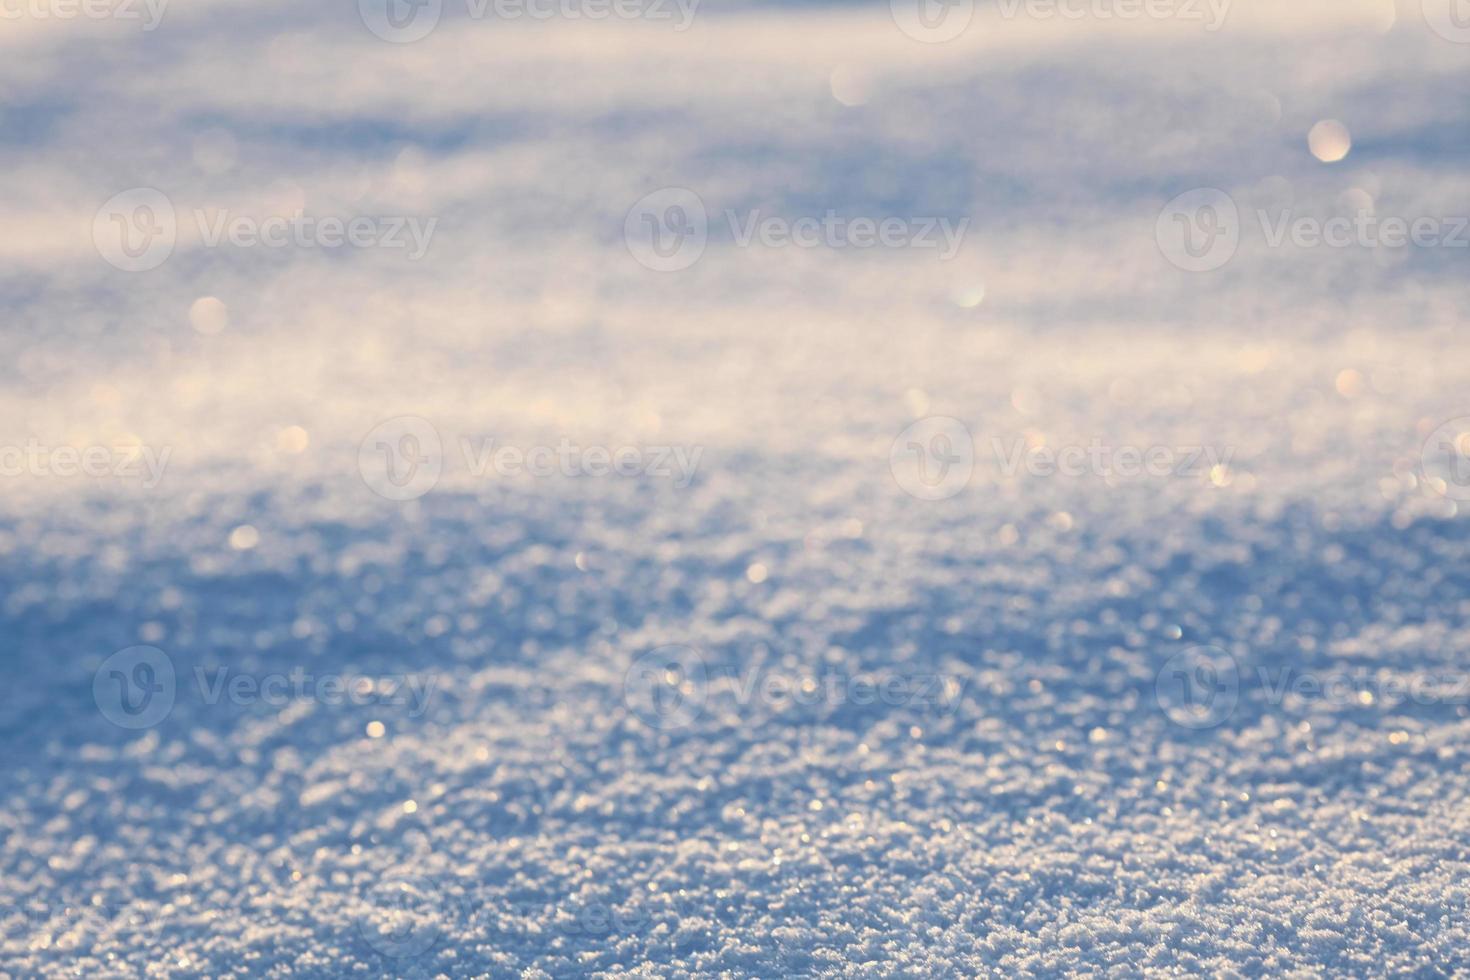 sneeuw oppervlak close-up foto